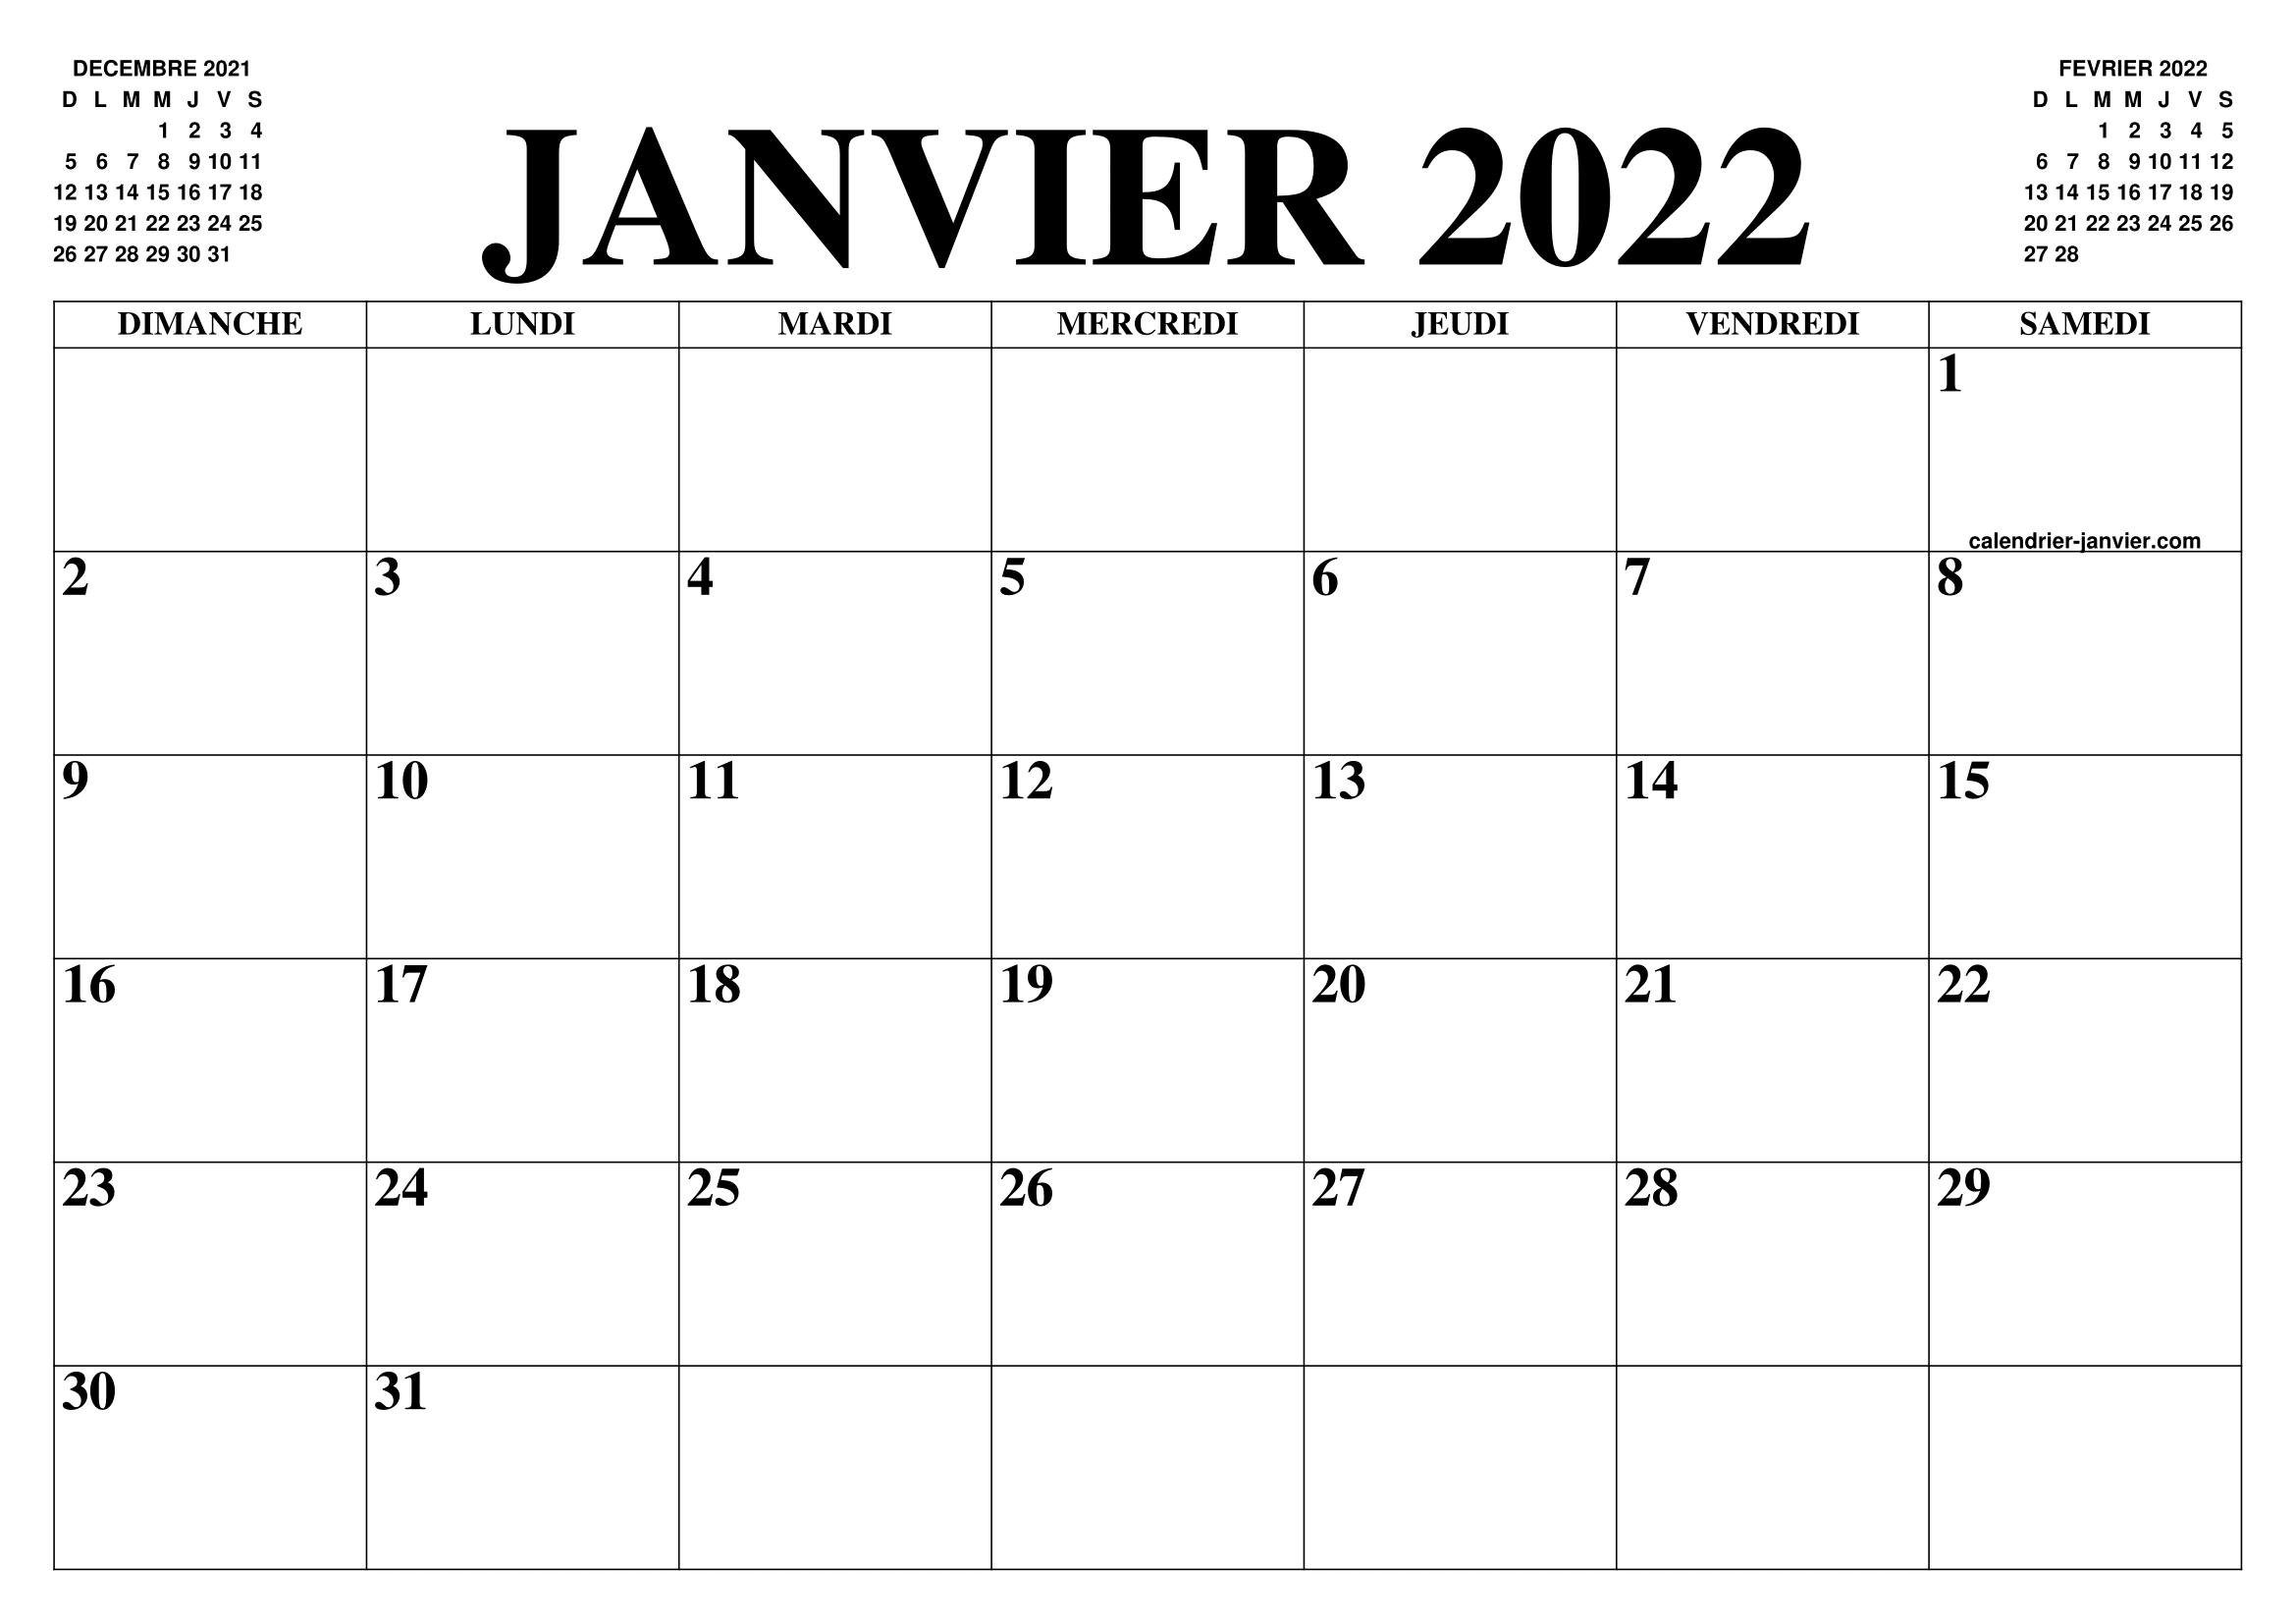 CALENDRIER JANVIER 2022 : LE CALENDRIER DU MOIS DE JANVIER GRATUIT